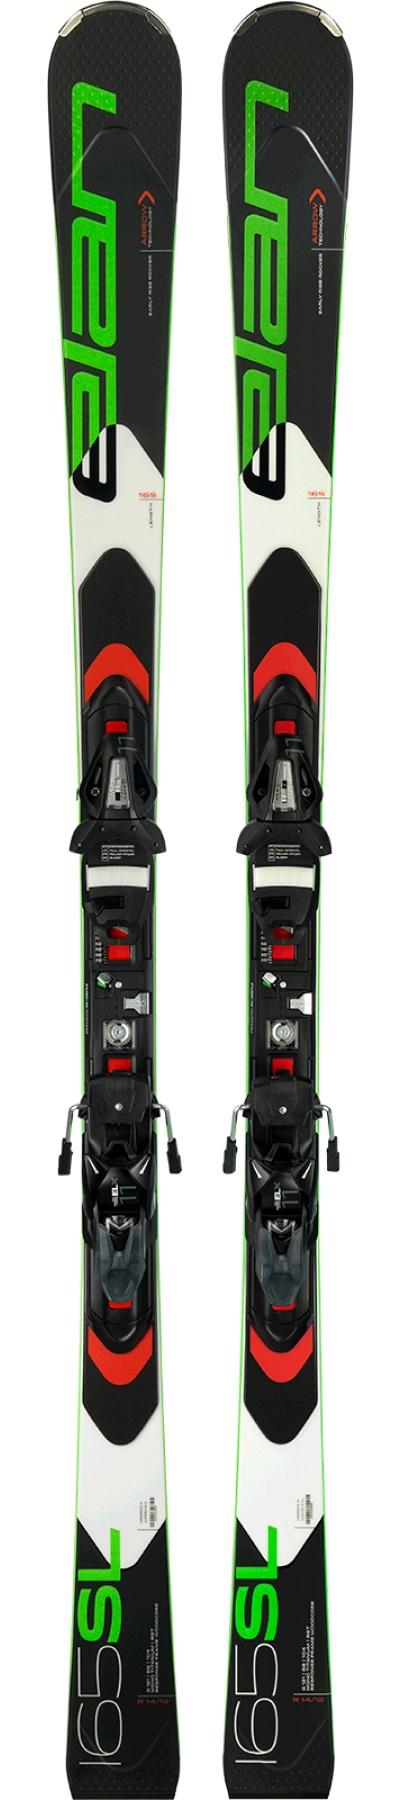 Горные лыжи с креплениями Elan 2017-18 SL EL 11 Fusion